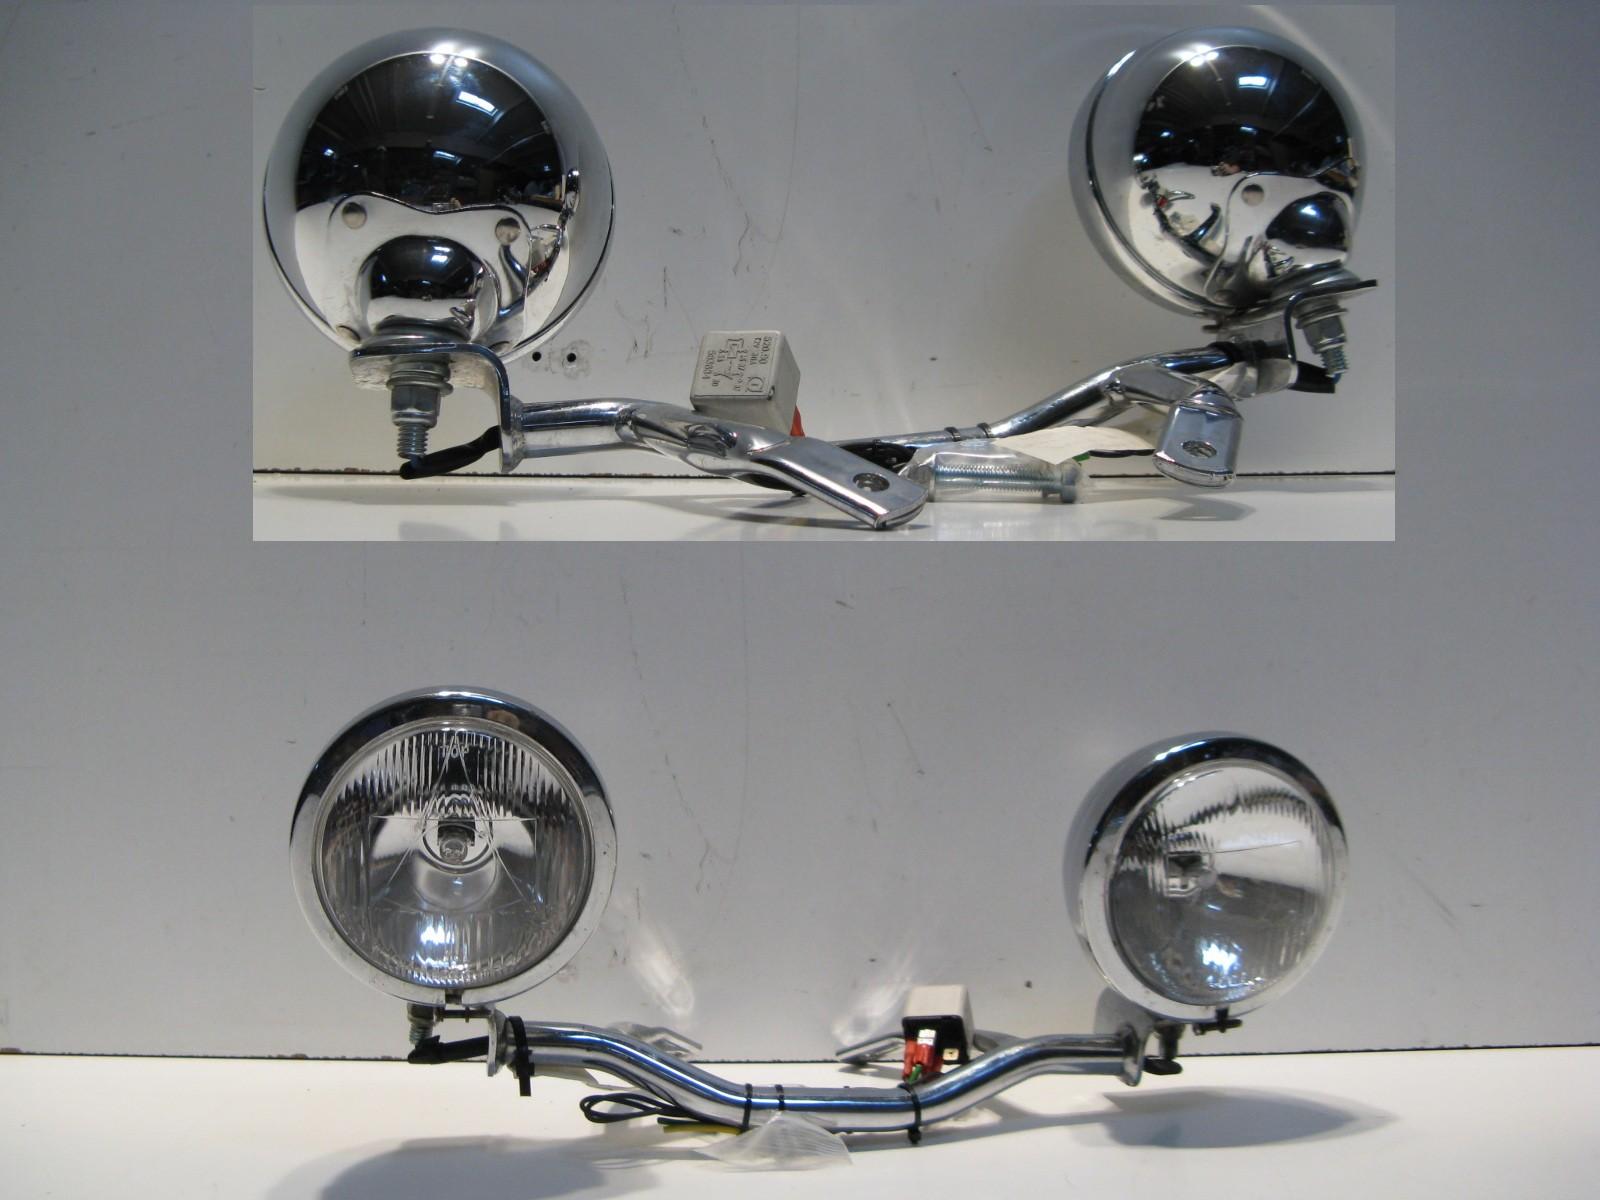 zusatzscheinwerfer satz scheinwerfer lampe honda vt 750 c. Black Bedroom Furniture Sets. Home Design Ideas